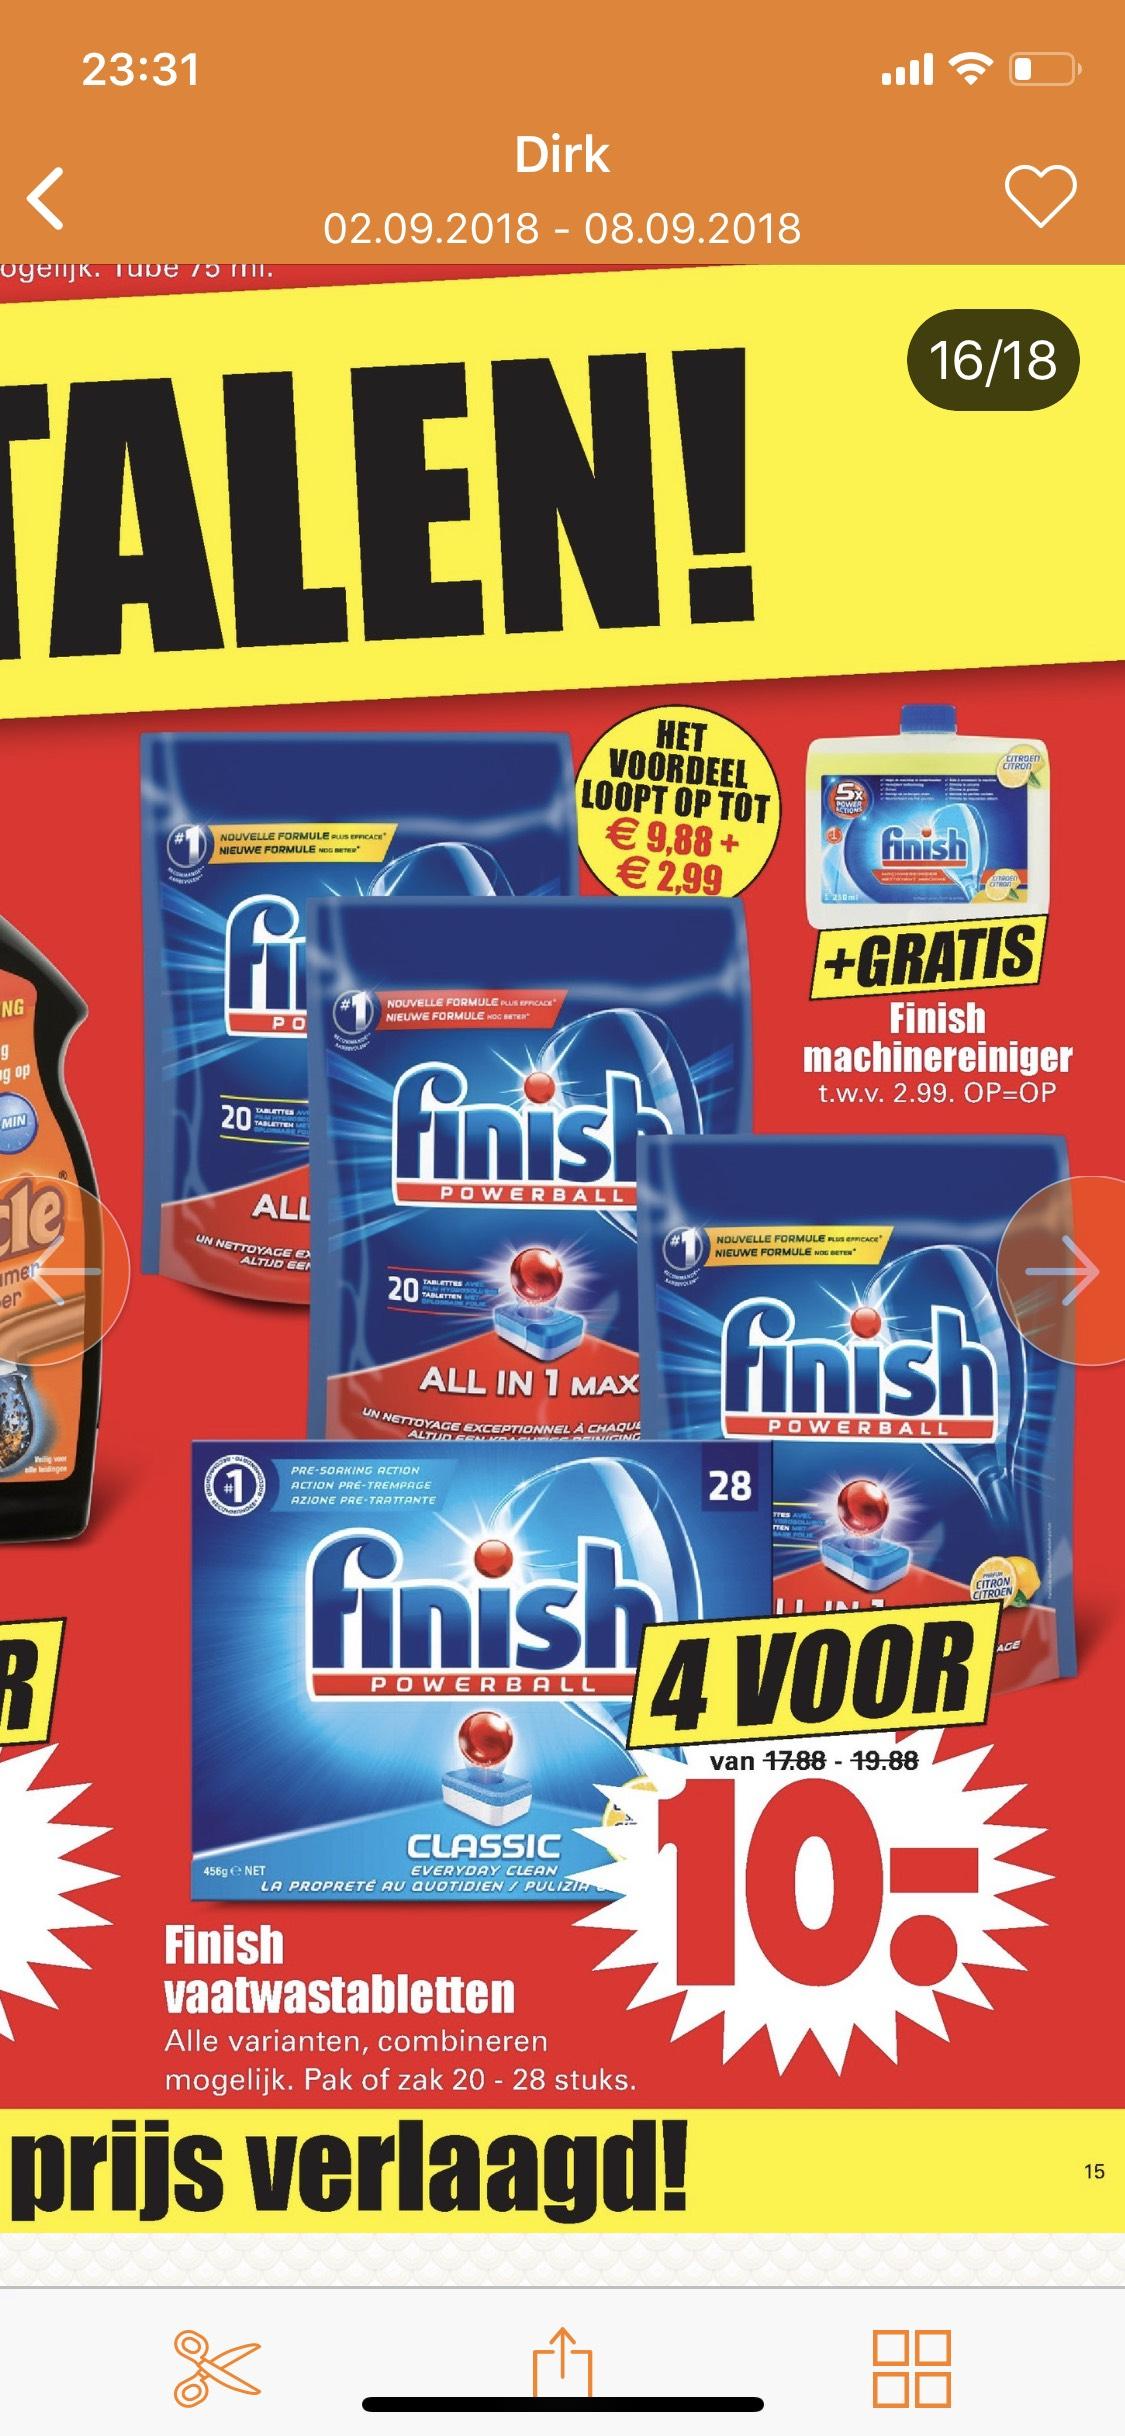 Mooie acties bij Dirk Finish 4 voor 10 euro + gratis vaatwasserreiniger twv €2,99 of 5 reus wasmiddel voor €10,- i.p.v. max €29,45